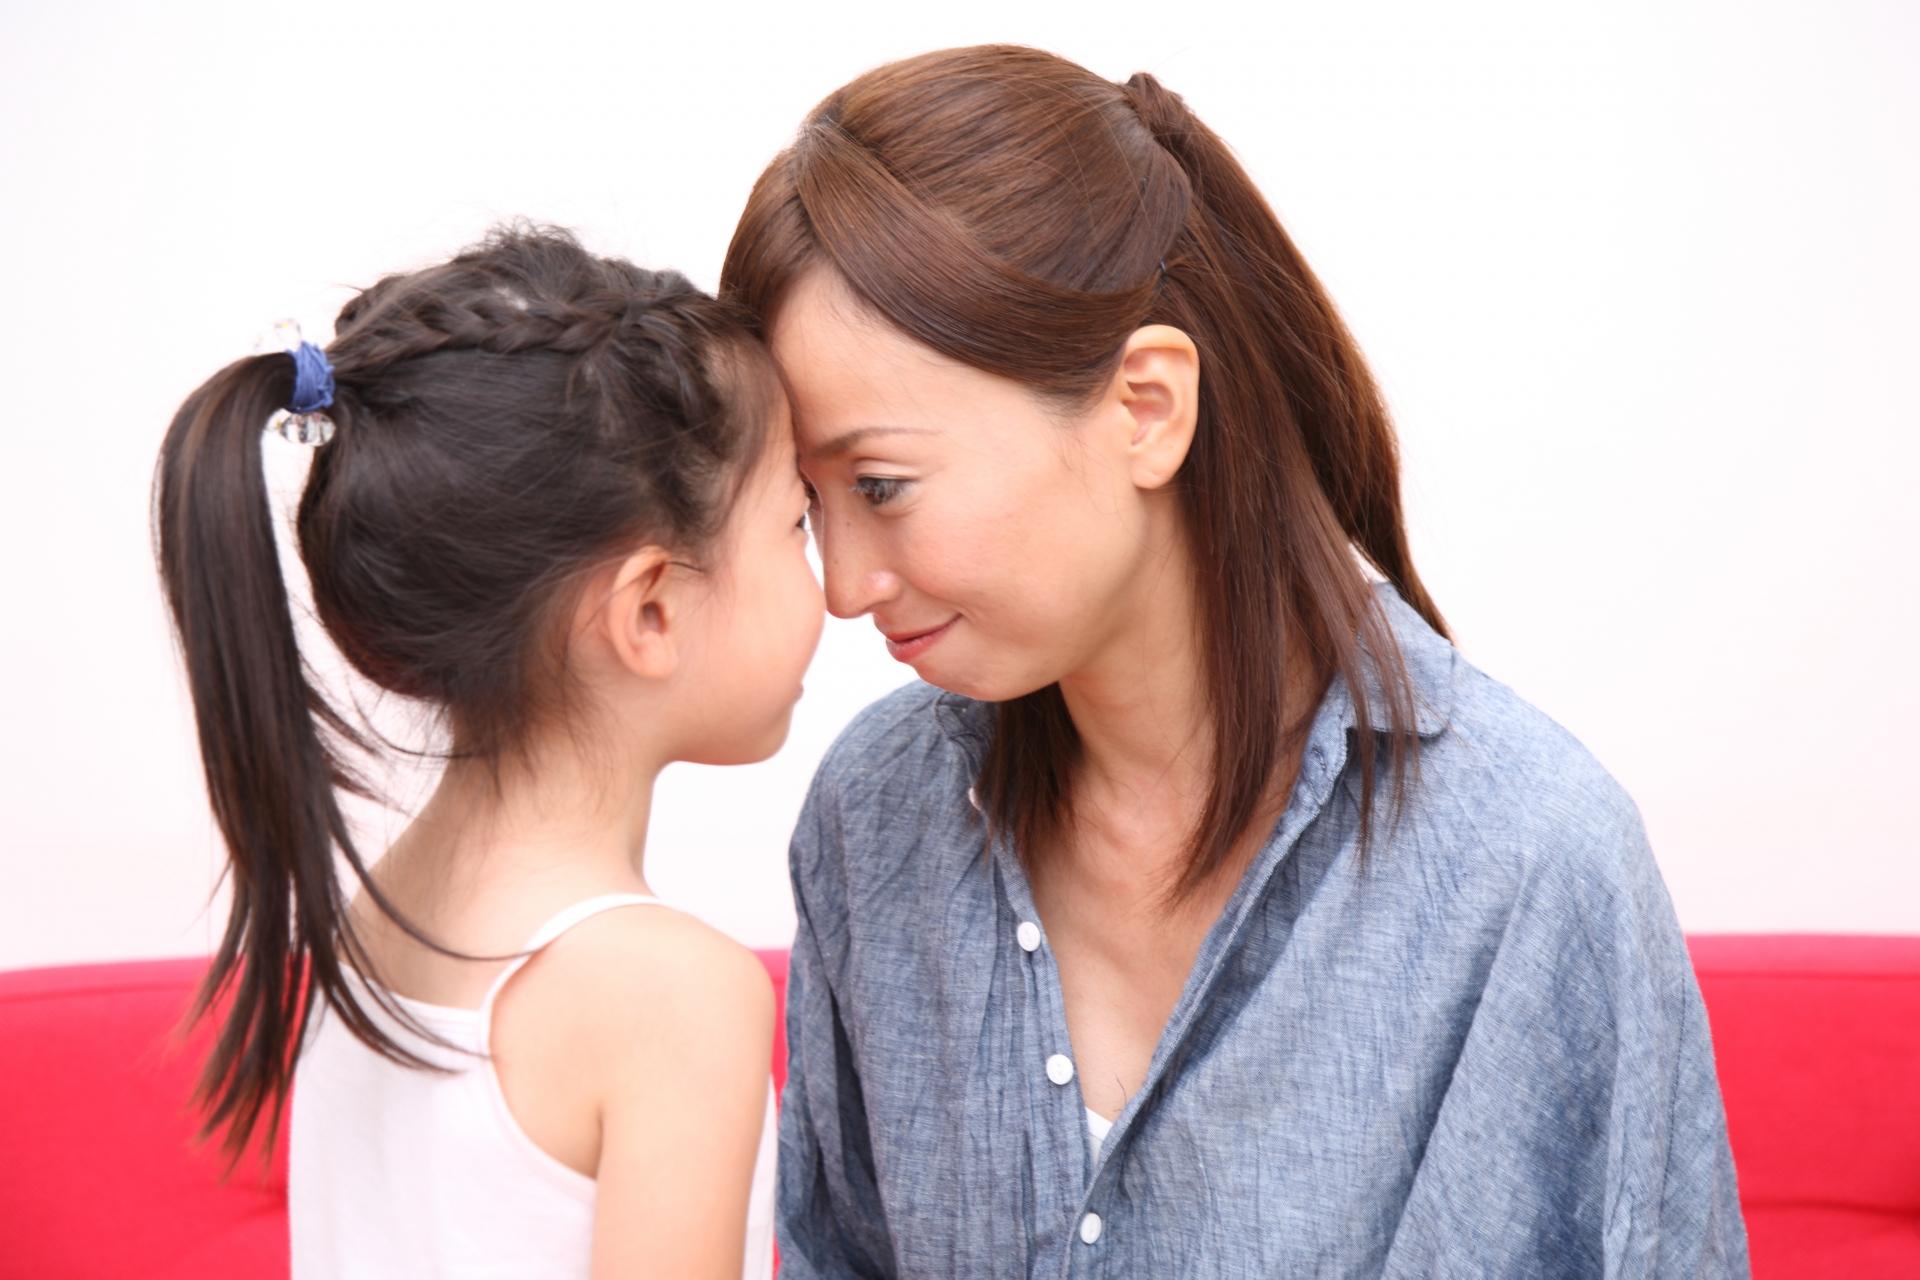 ワーママは勤務時間や子供の急病のことなど面接での受け答えに悩む